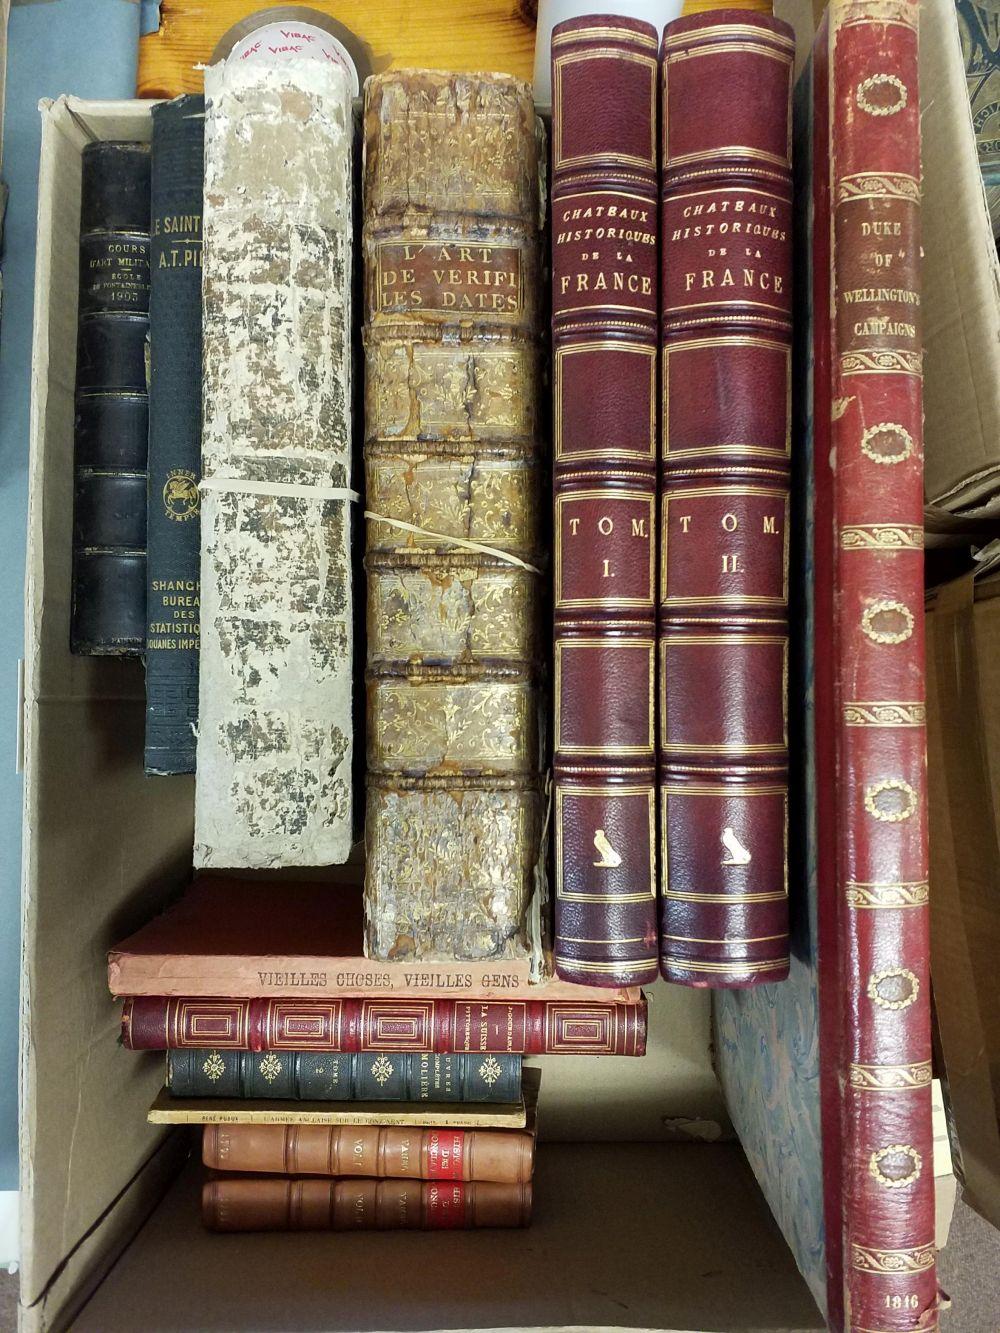 Leti (Gregorio). Histoire des Conclaves Depuis Clement V. jusqu'a present..., 2 volumes, 3rd